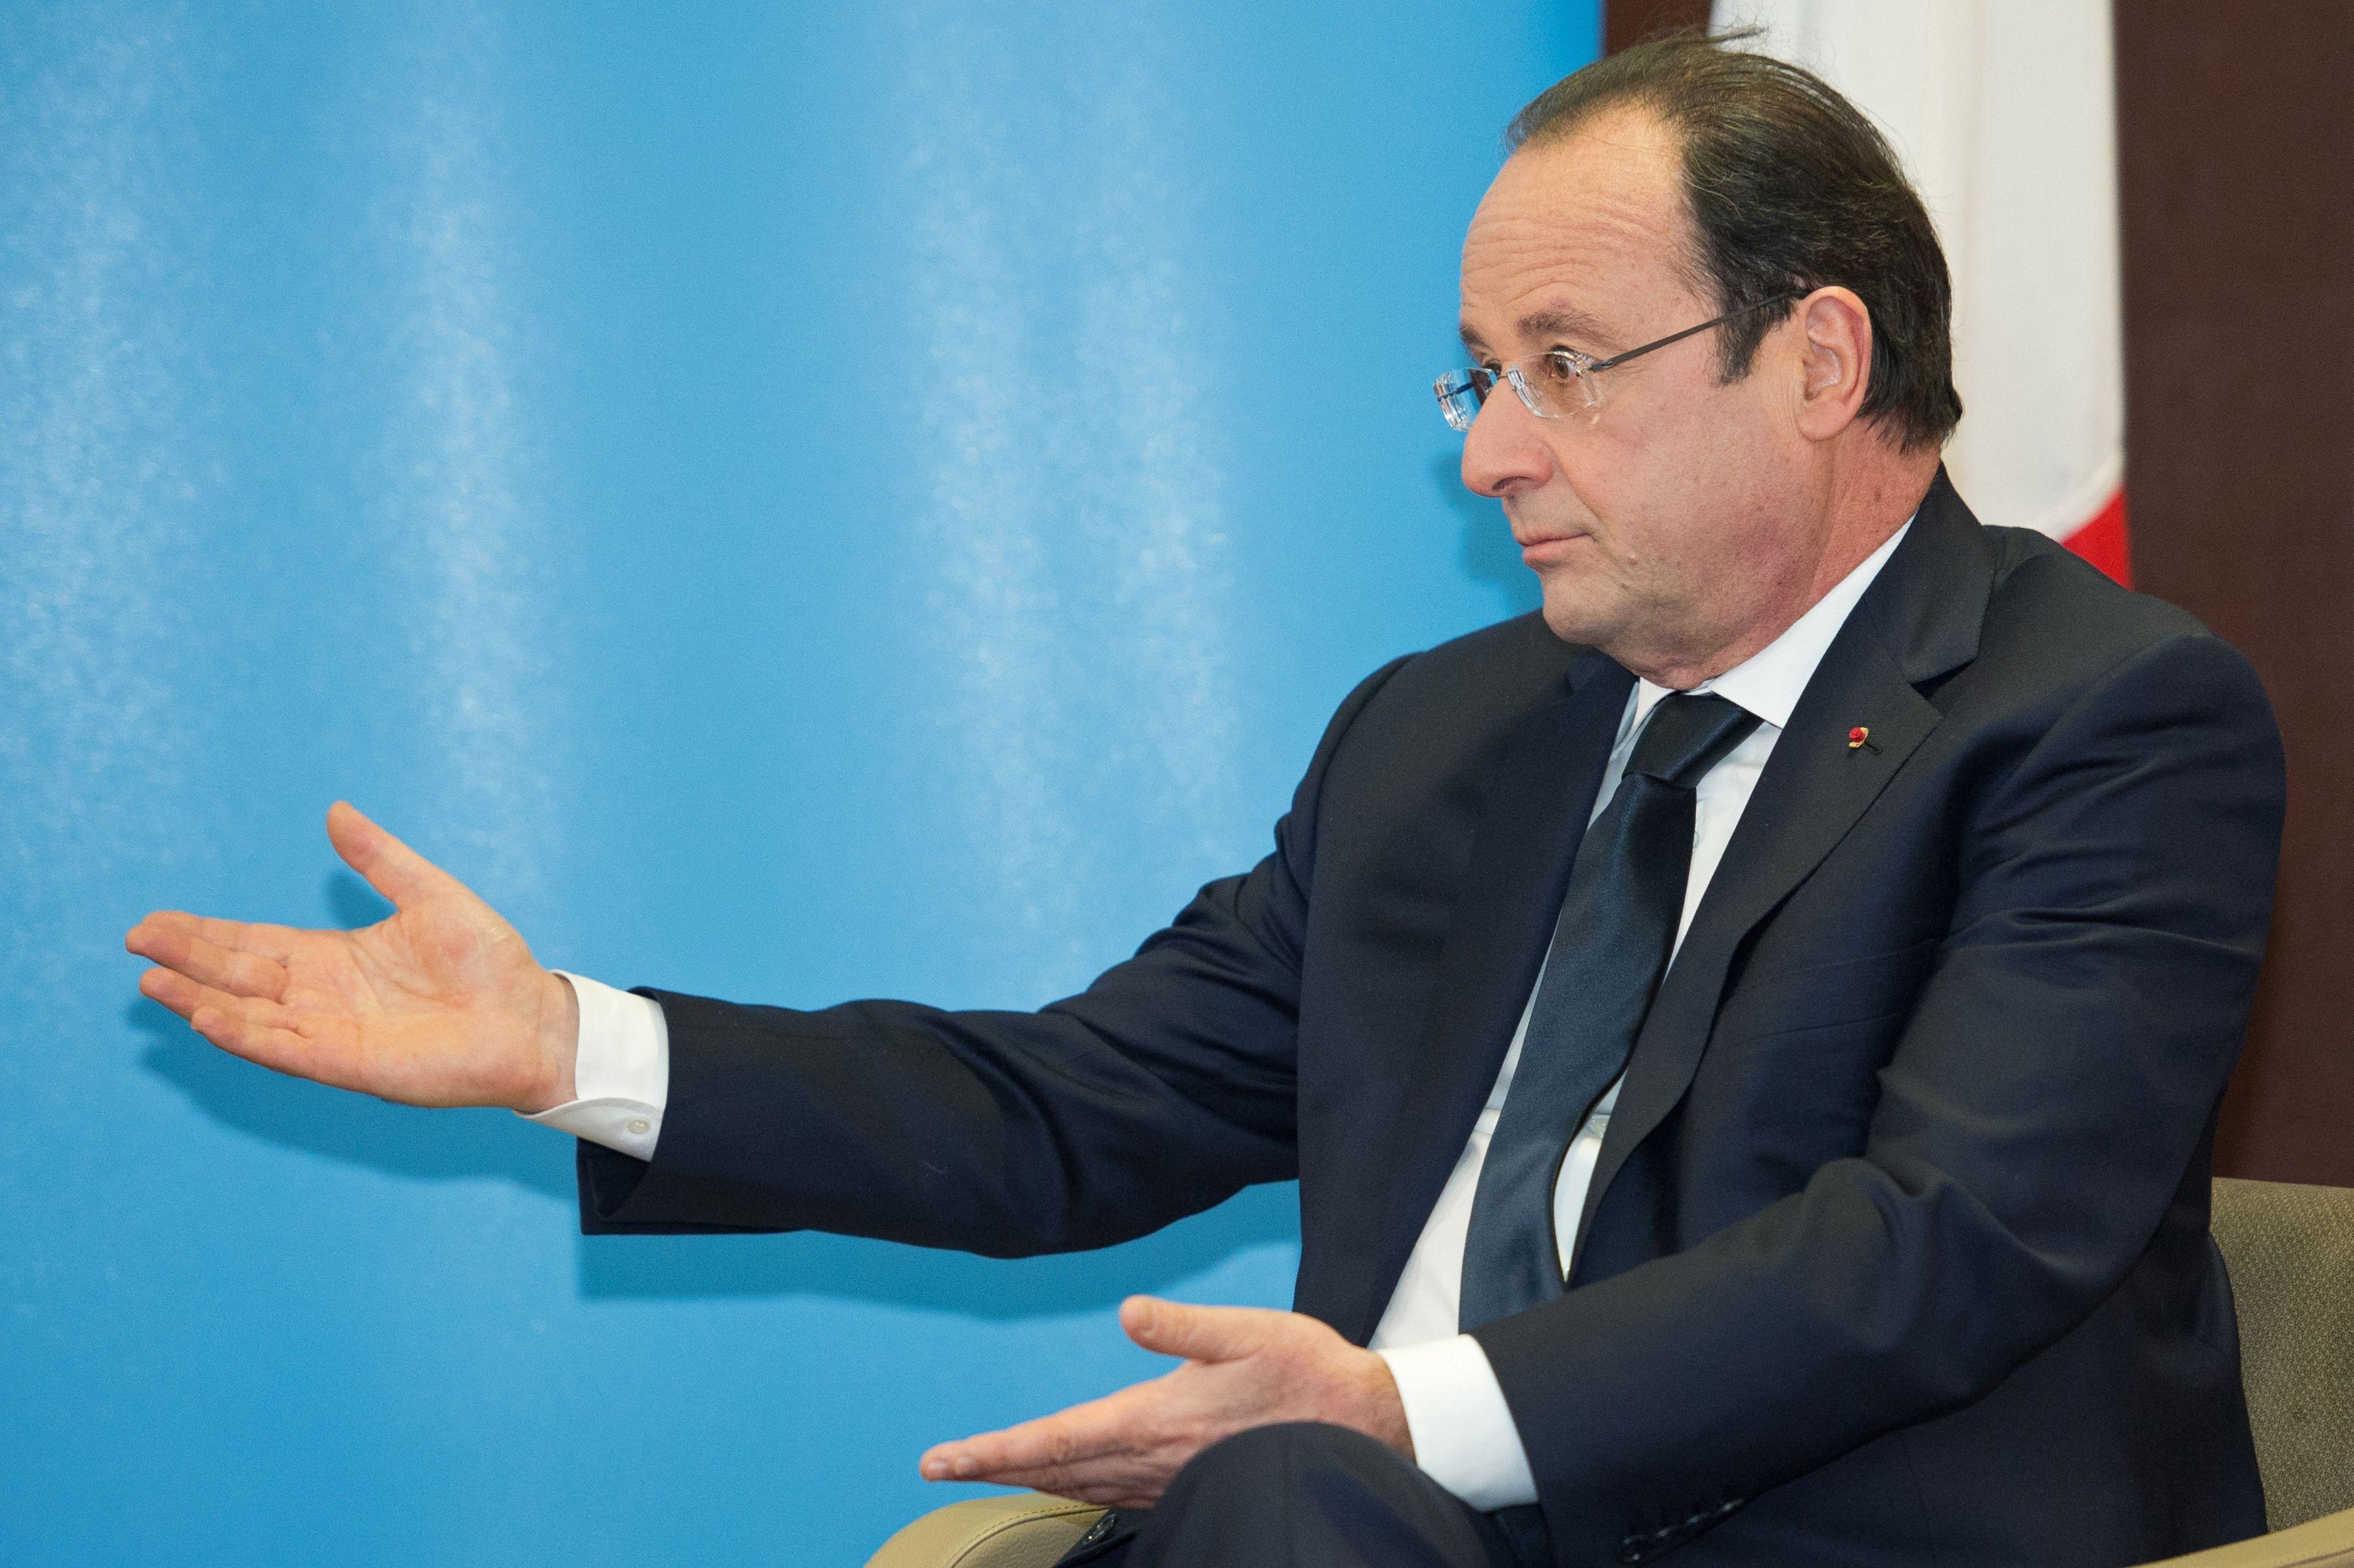 Révélations : les dessous du ménage à trois  Hollande-Hartz-Merkel